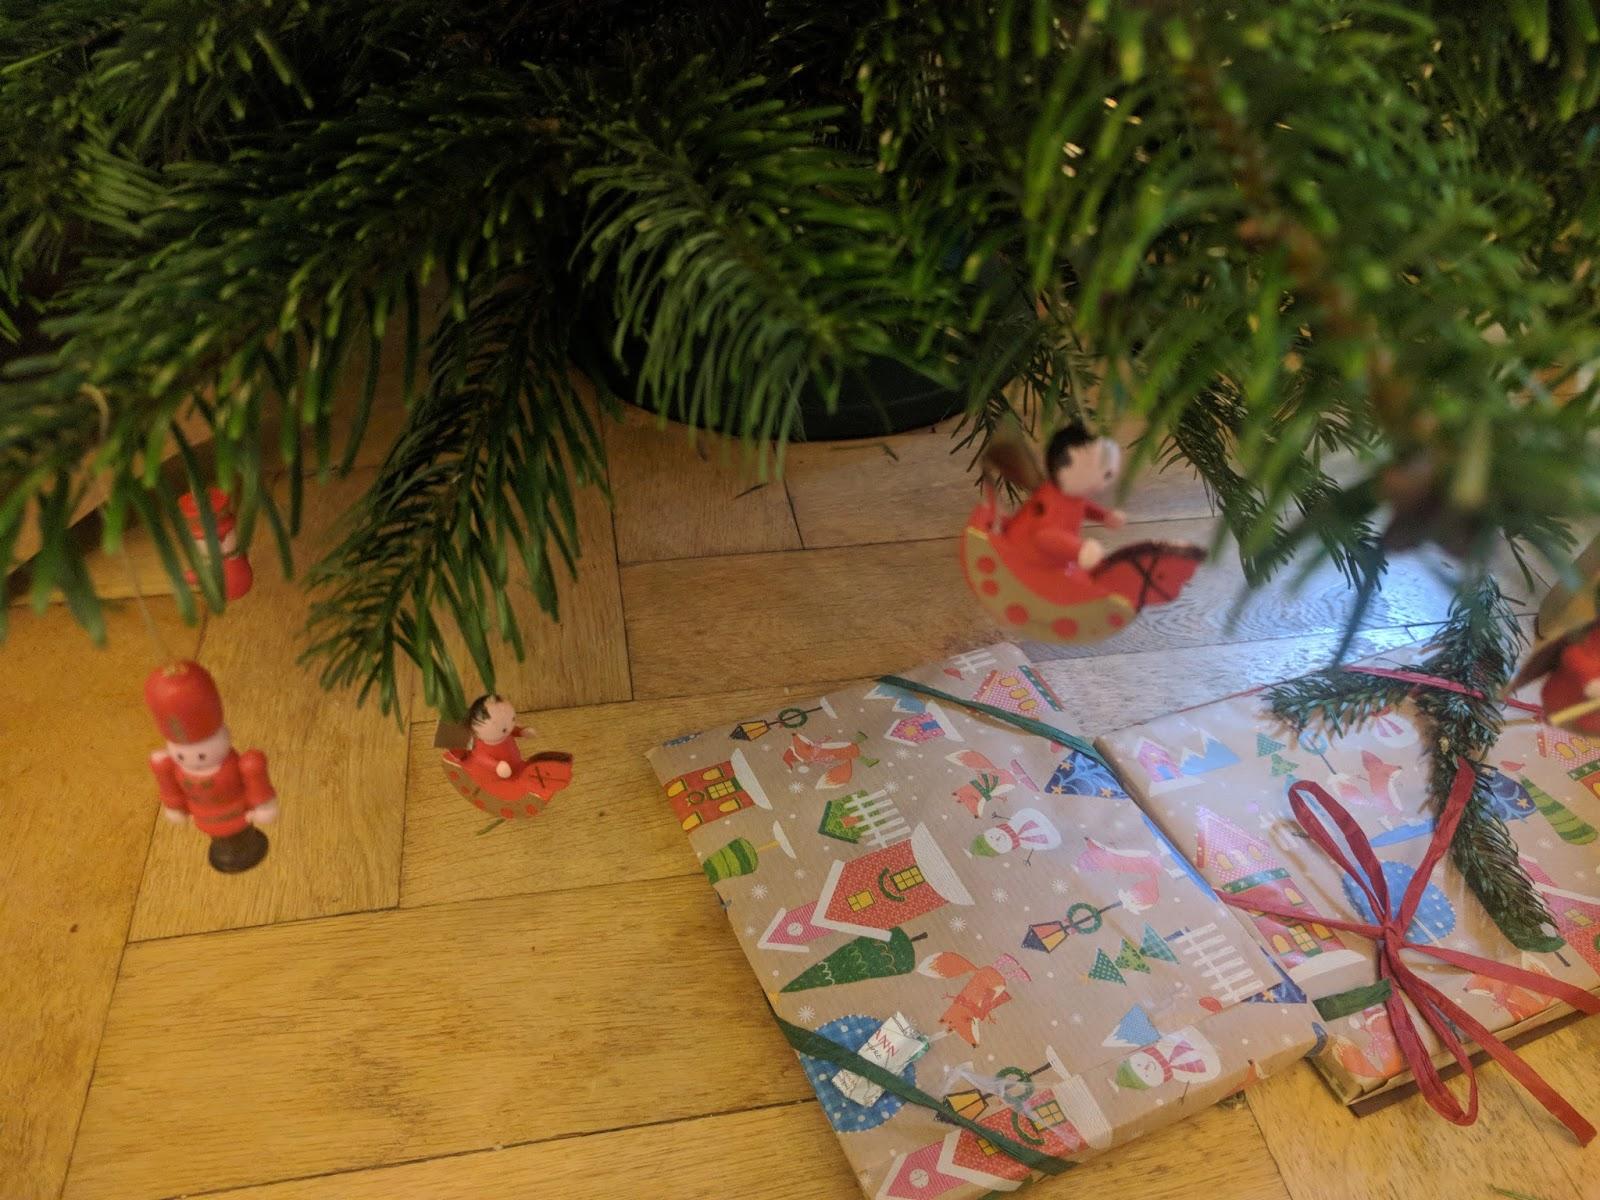 Runzelfüßchen: Von Weihnachten und Krank sein - das Wochenende in ...